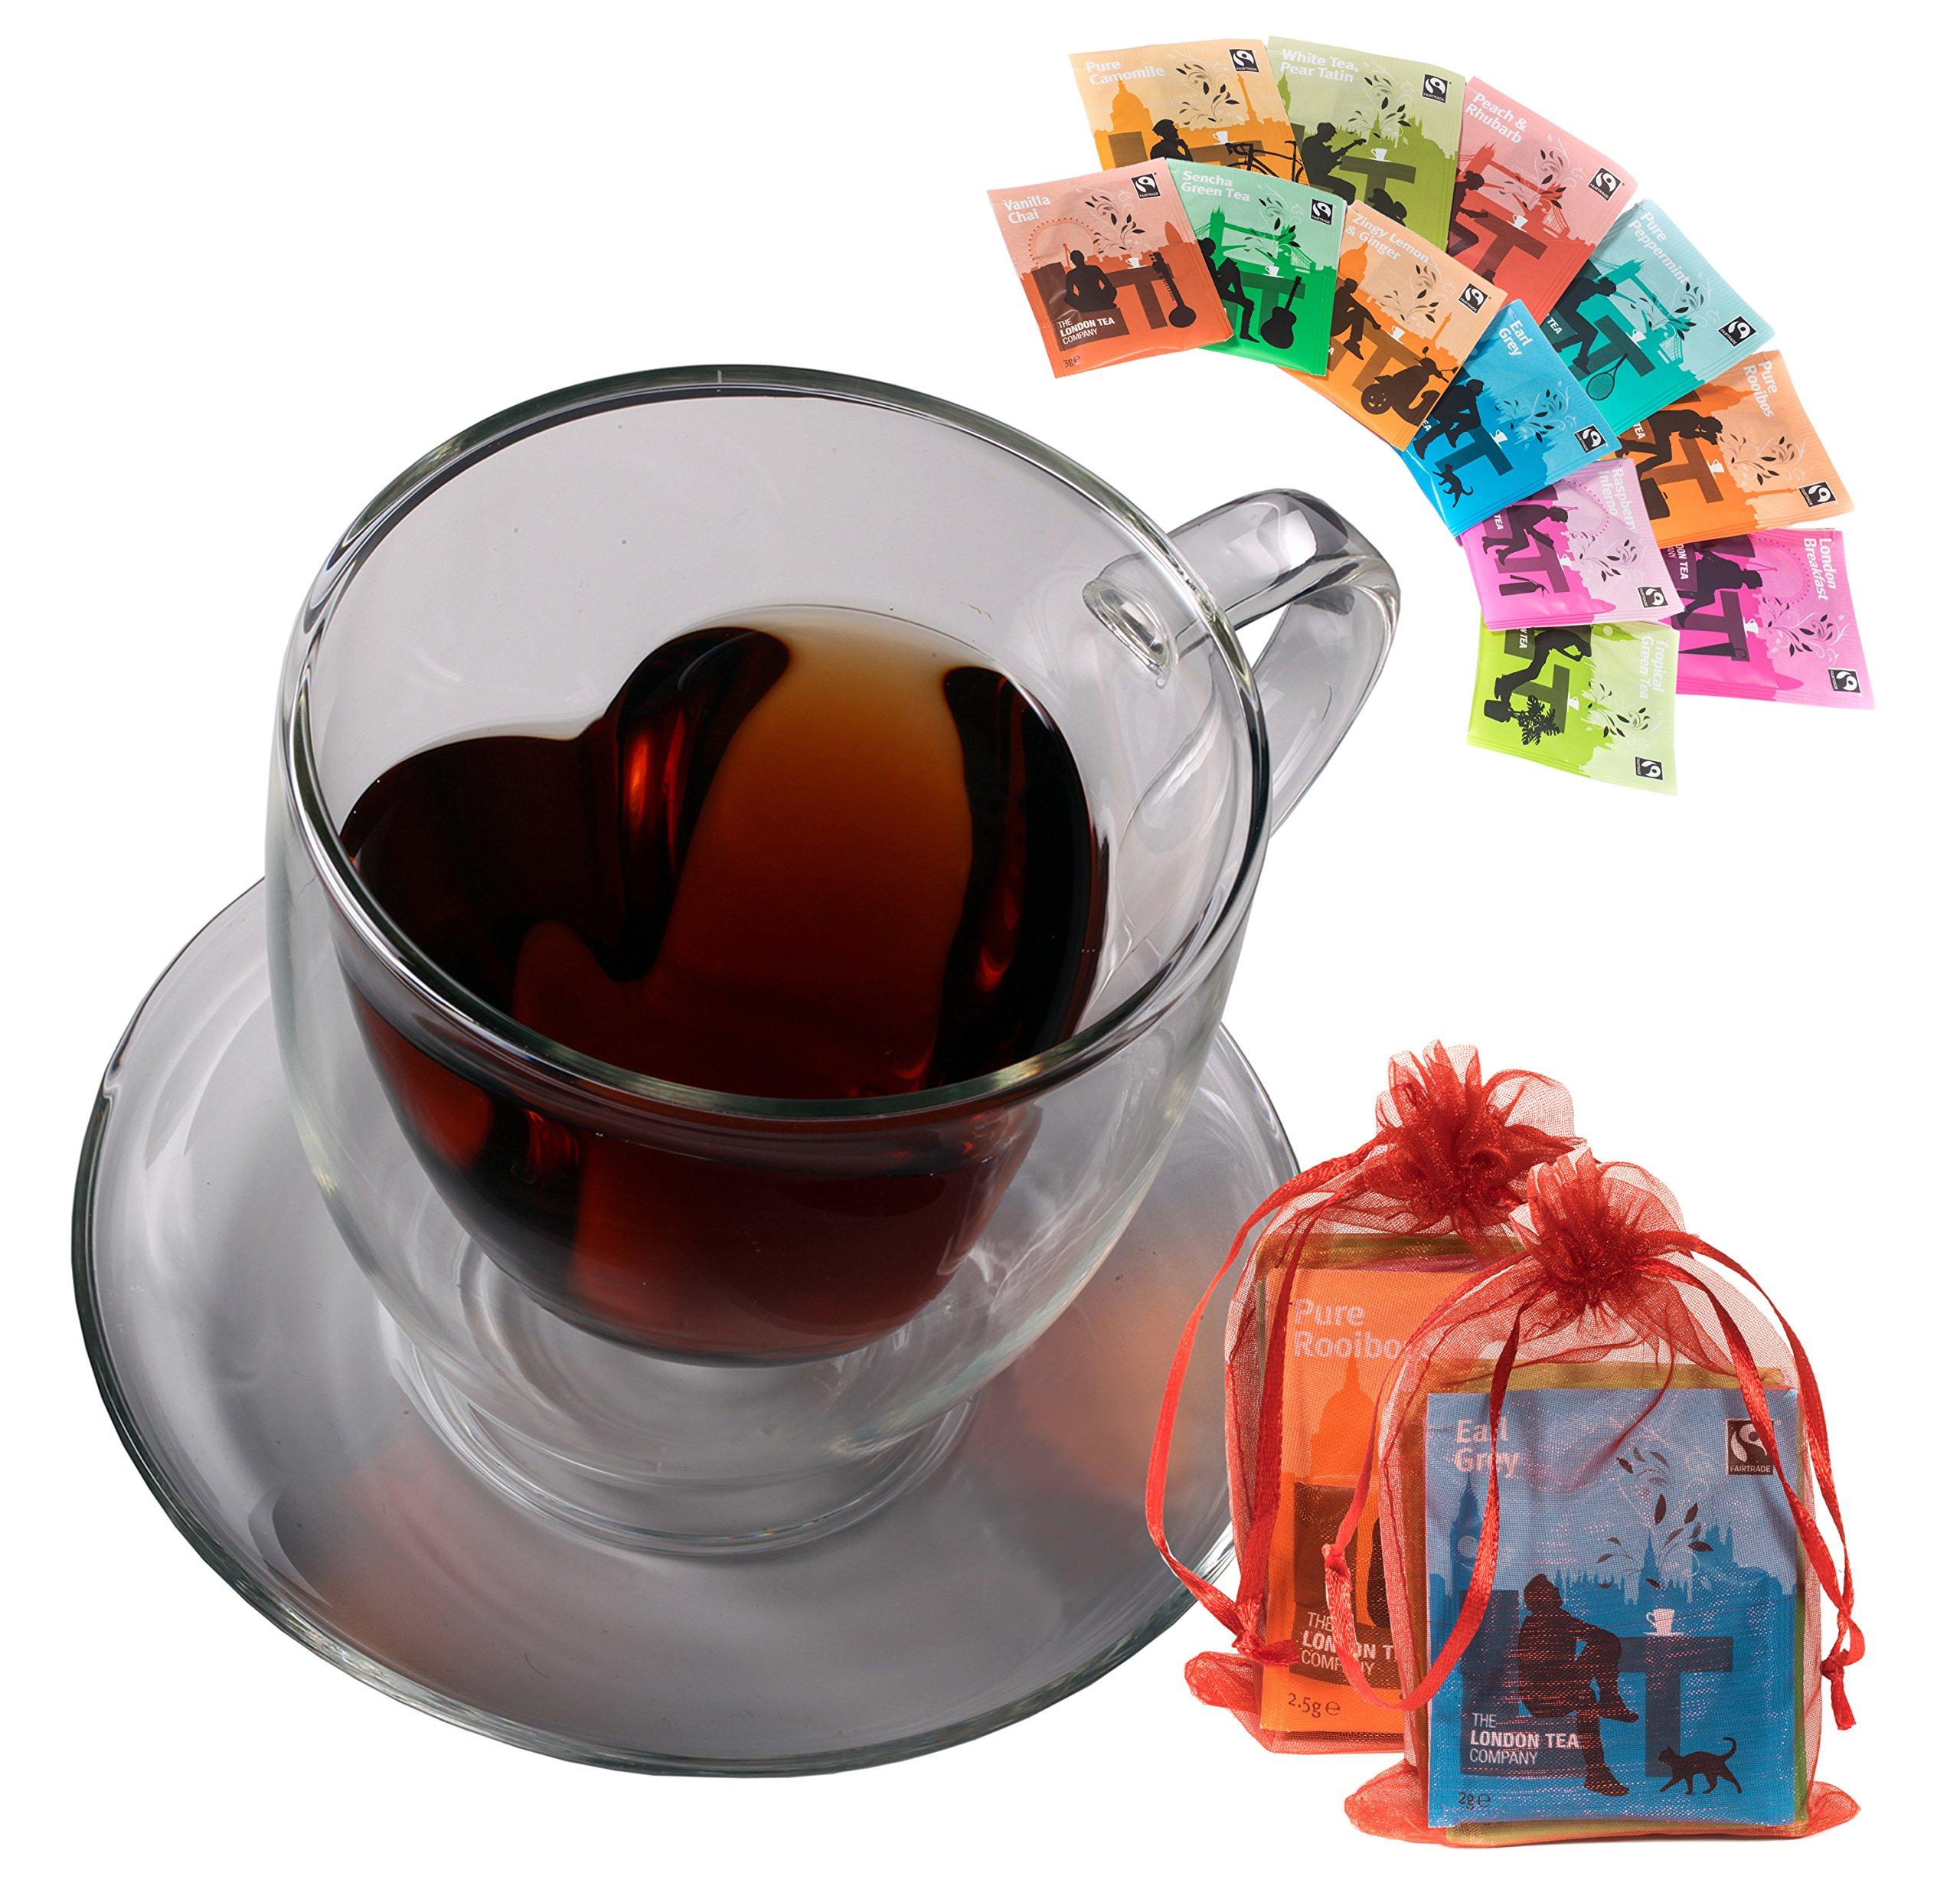 bedida-Tee-GESCHENKSETS-350ML-DOPPELWANDIGE-Herzform-GLASTASSE-als-Probier-und-Geschenkset-350ml-Doppelwandtasse-mit-Herz-innen-mit-Tee-oder-Teeblumen